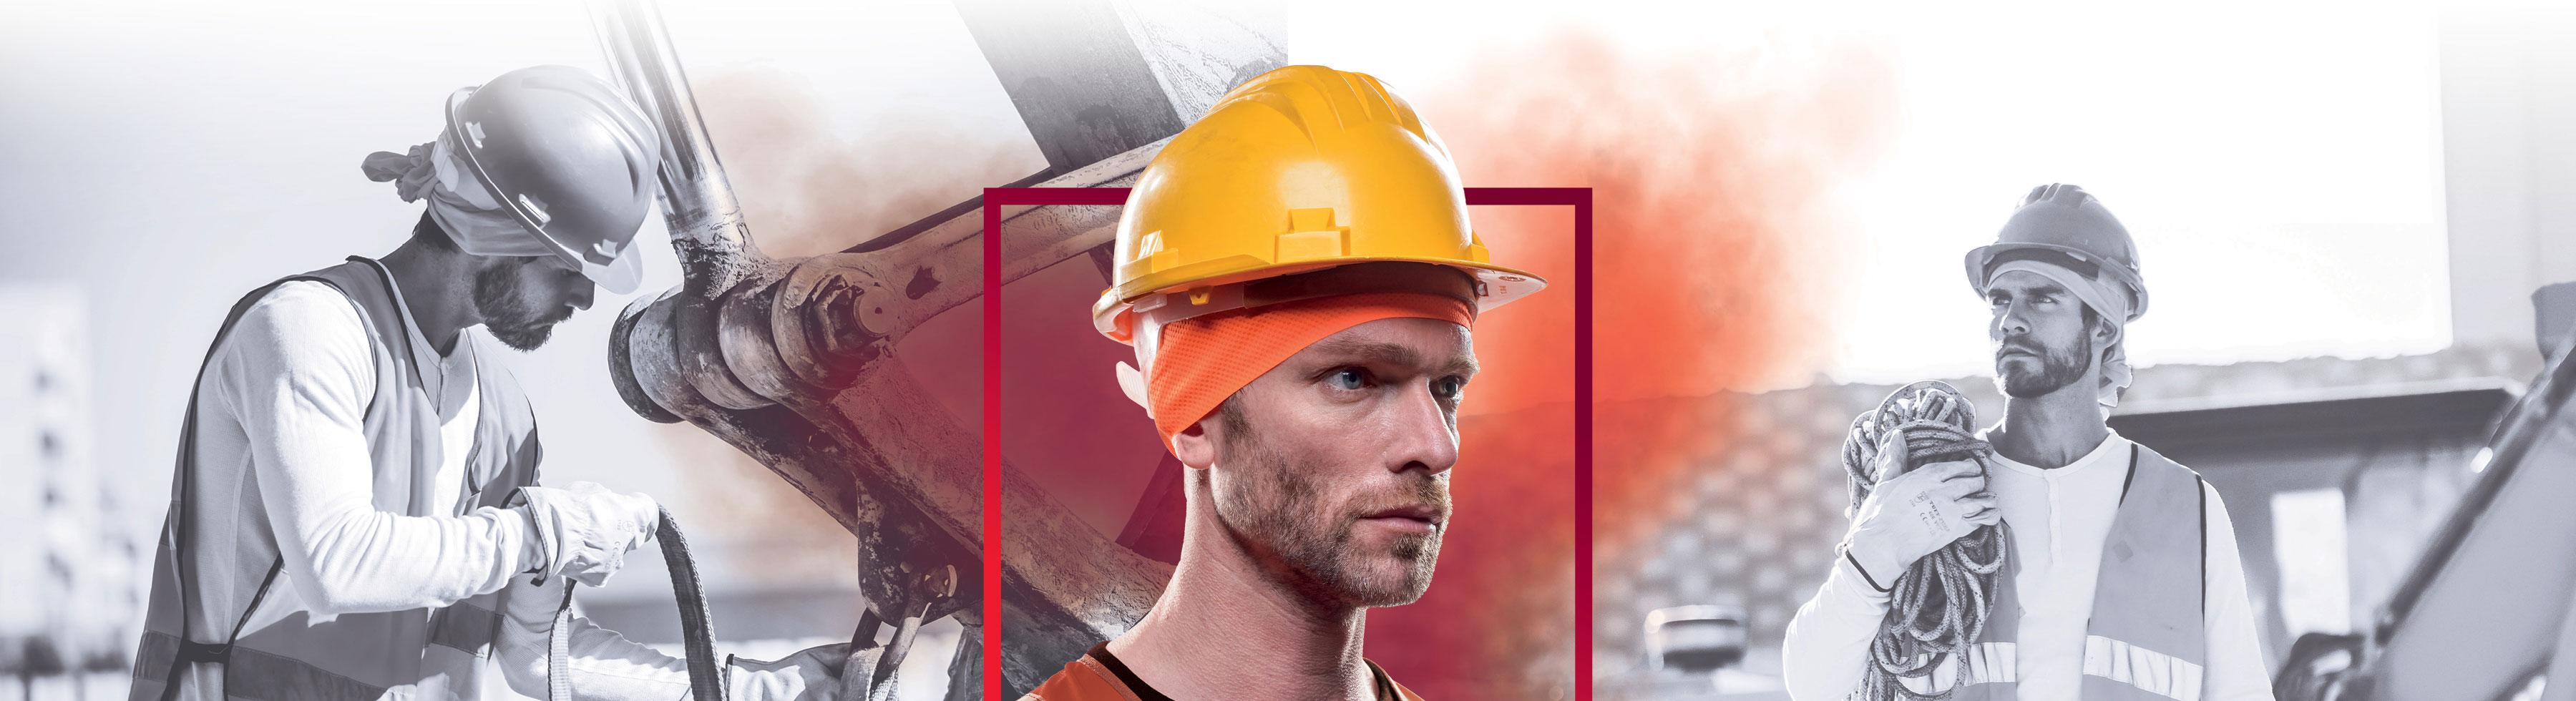 BUFF - Helmet Liner - Hovedbeklædning - kasket - hat til industri og professionelle